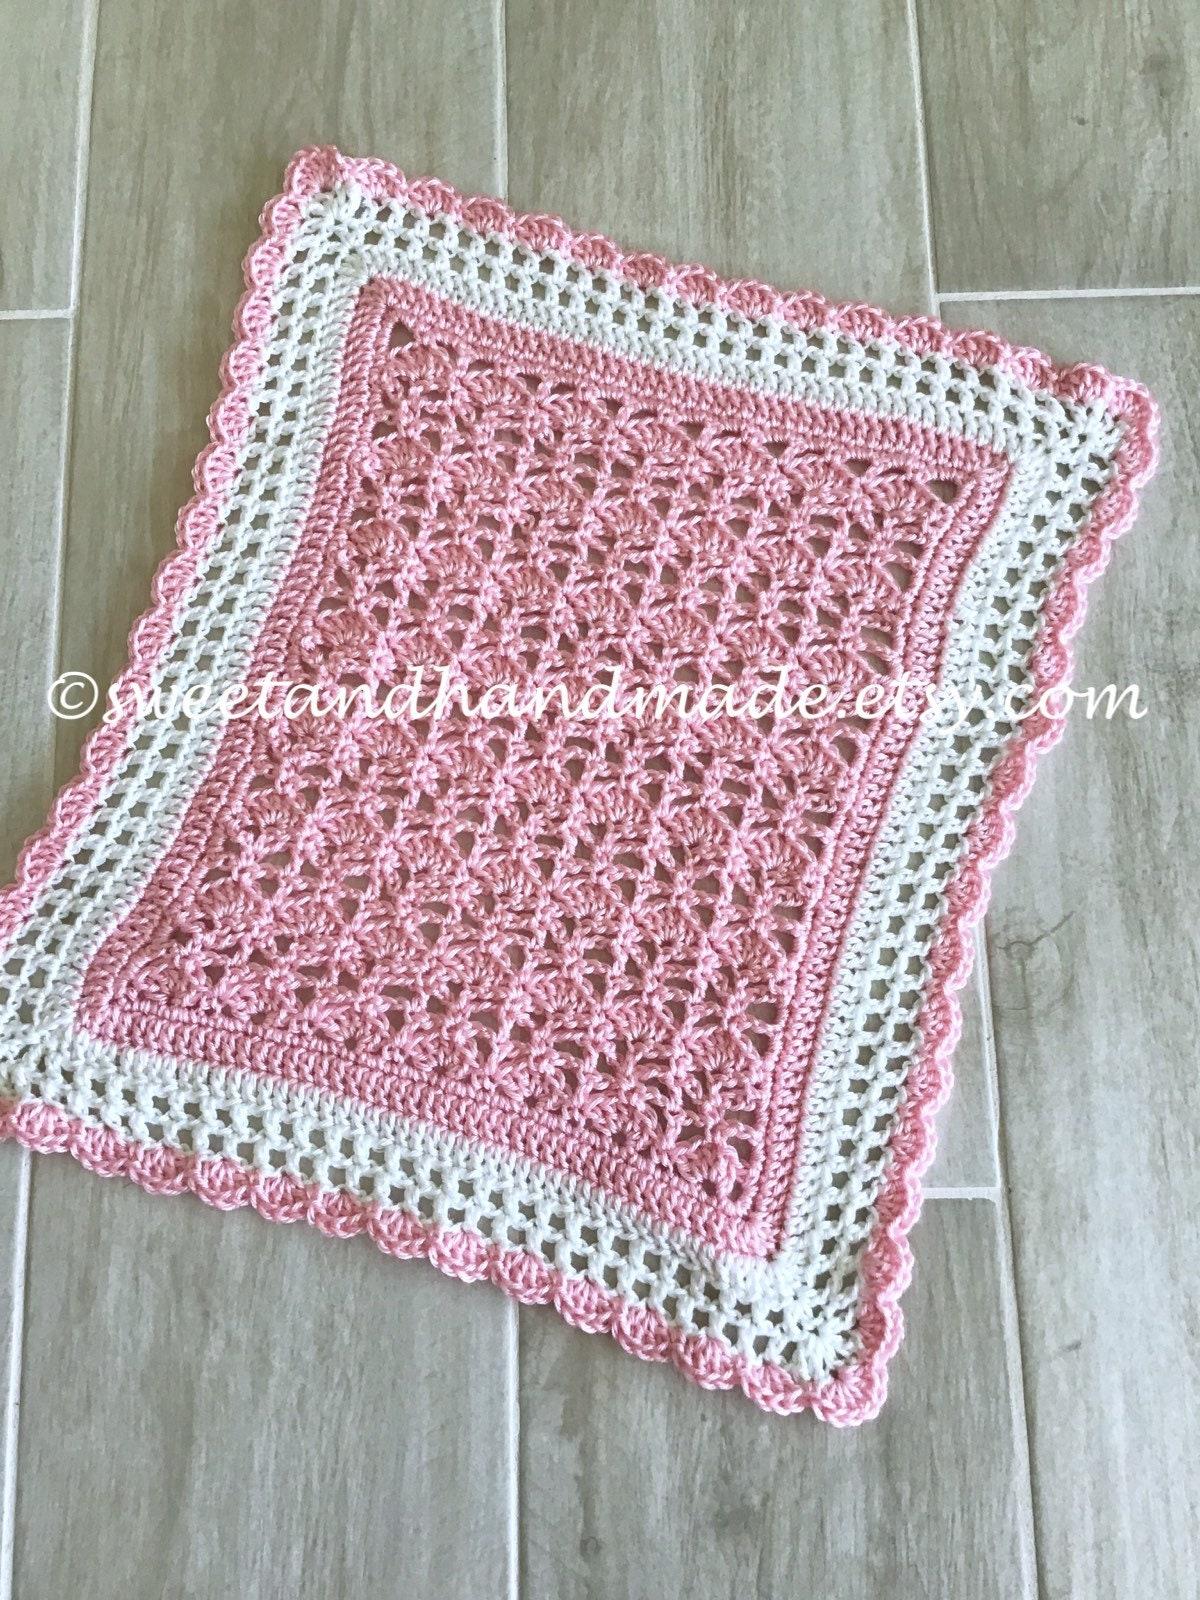 Doll Blanket Crochet Doll Blanket Pink White Doll Blanket Doll Etsy